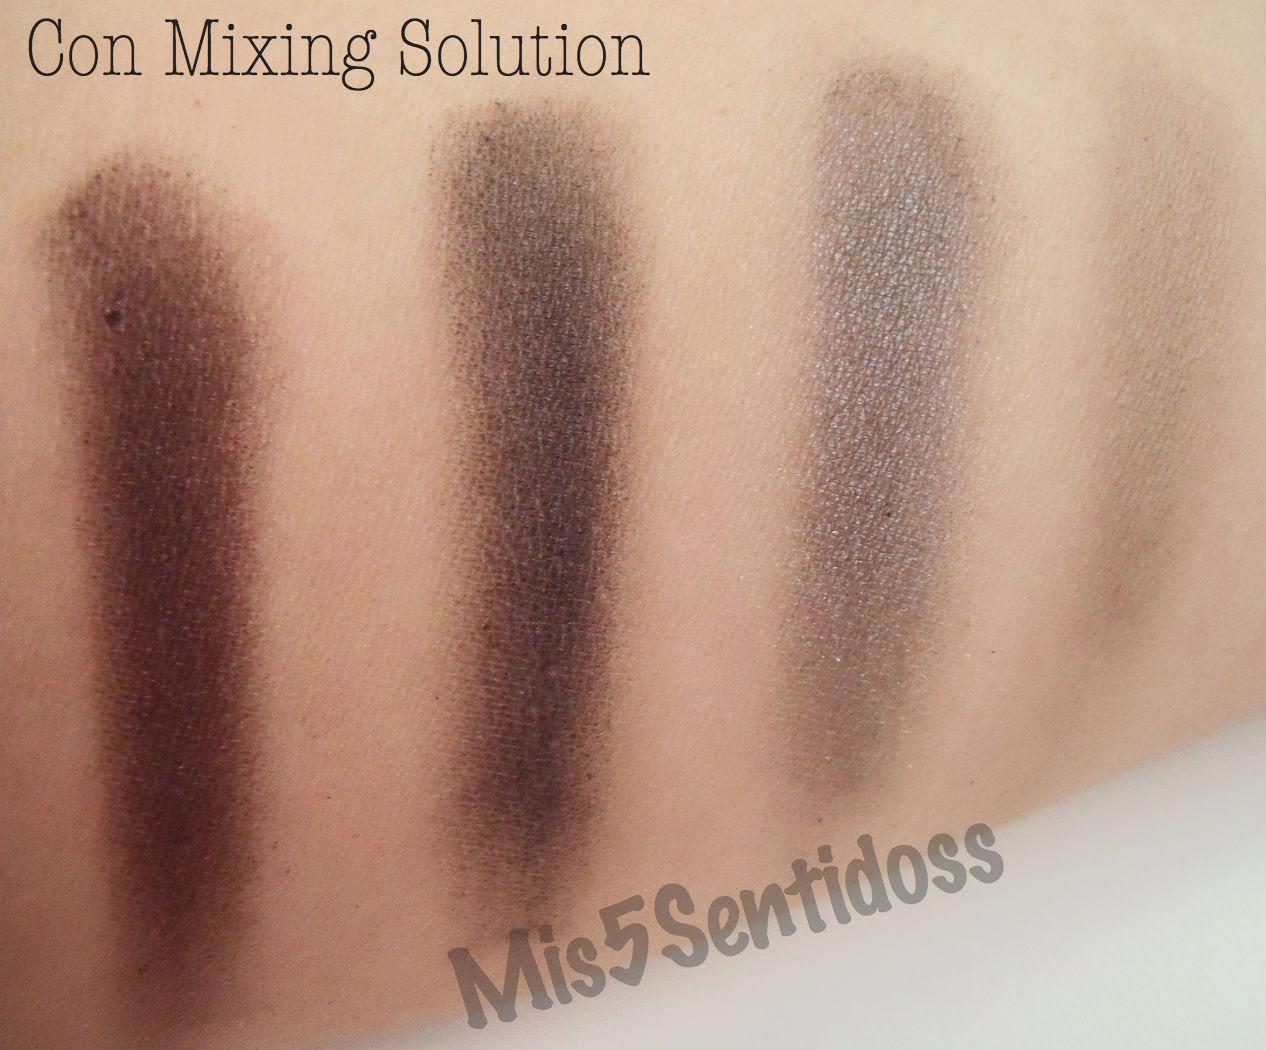 Sombras Kiko y mixing solution